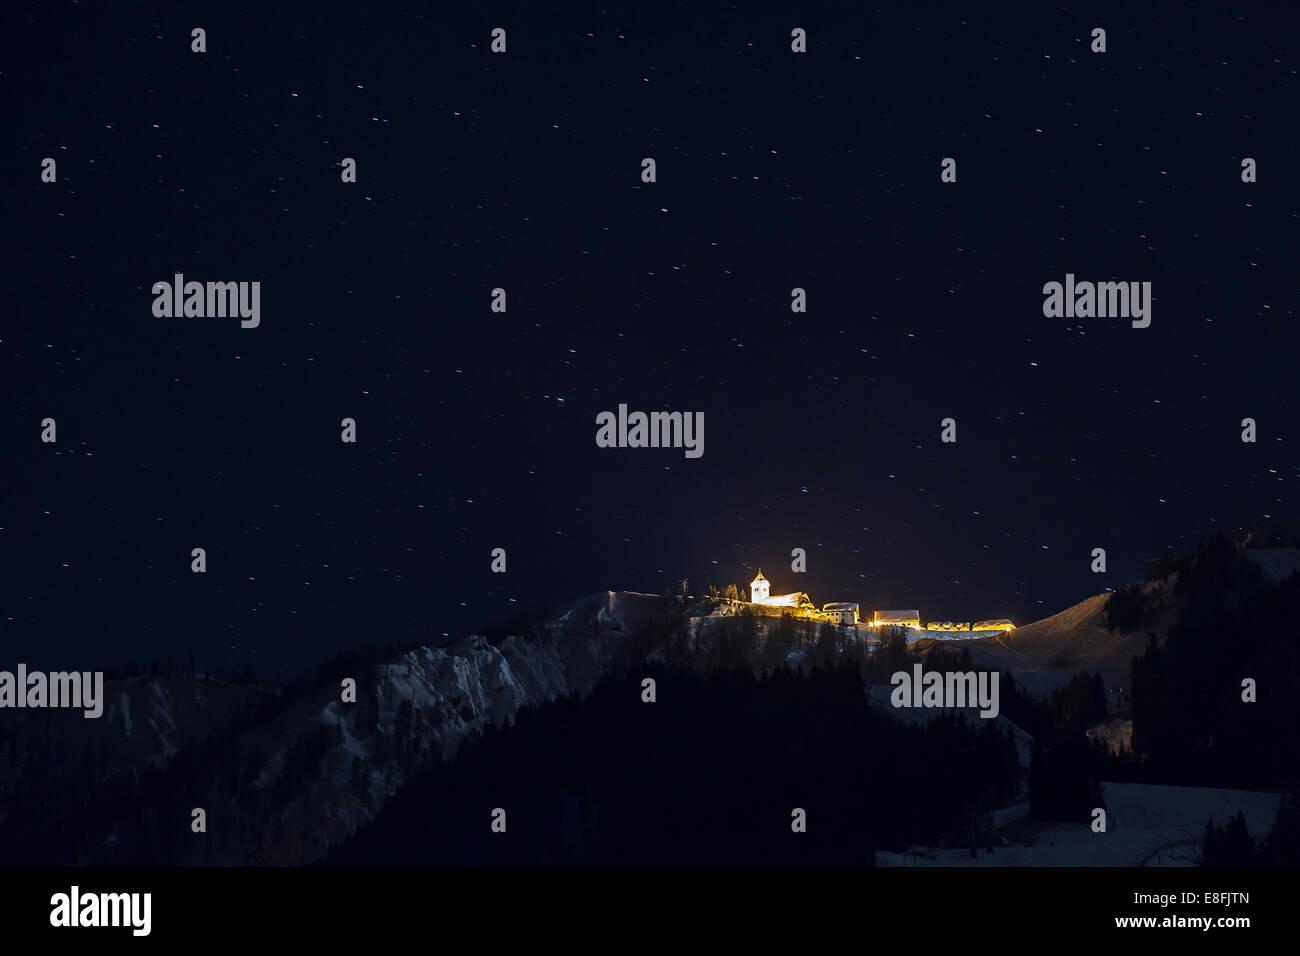 Italy, Udine, Monti Lussari, Starry sky - Stock Image